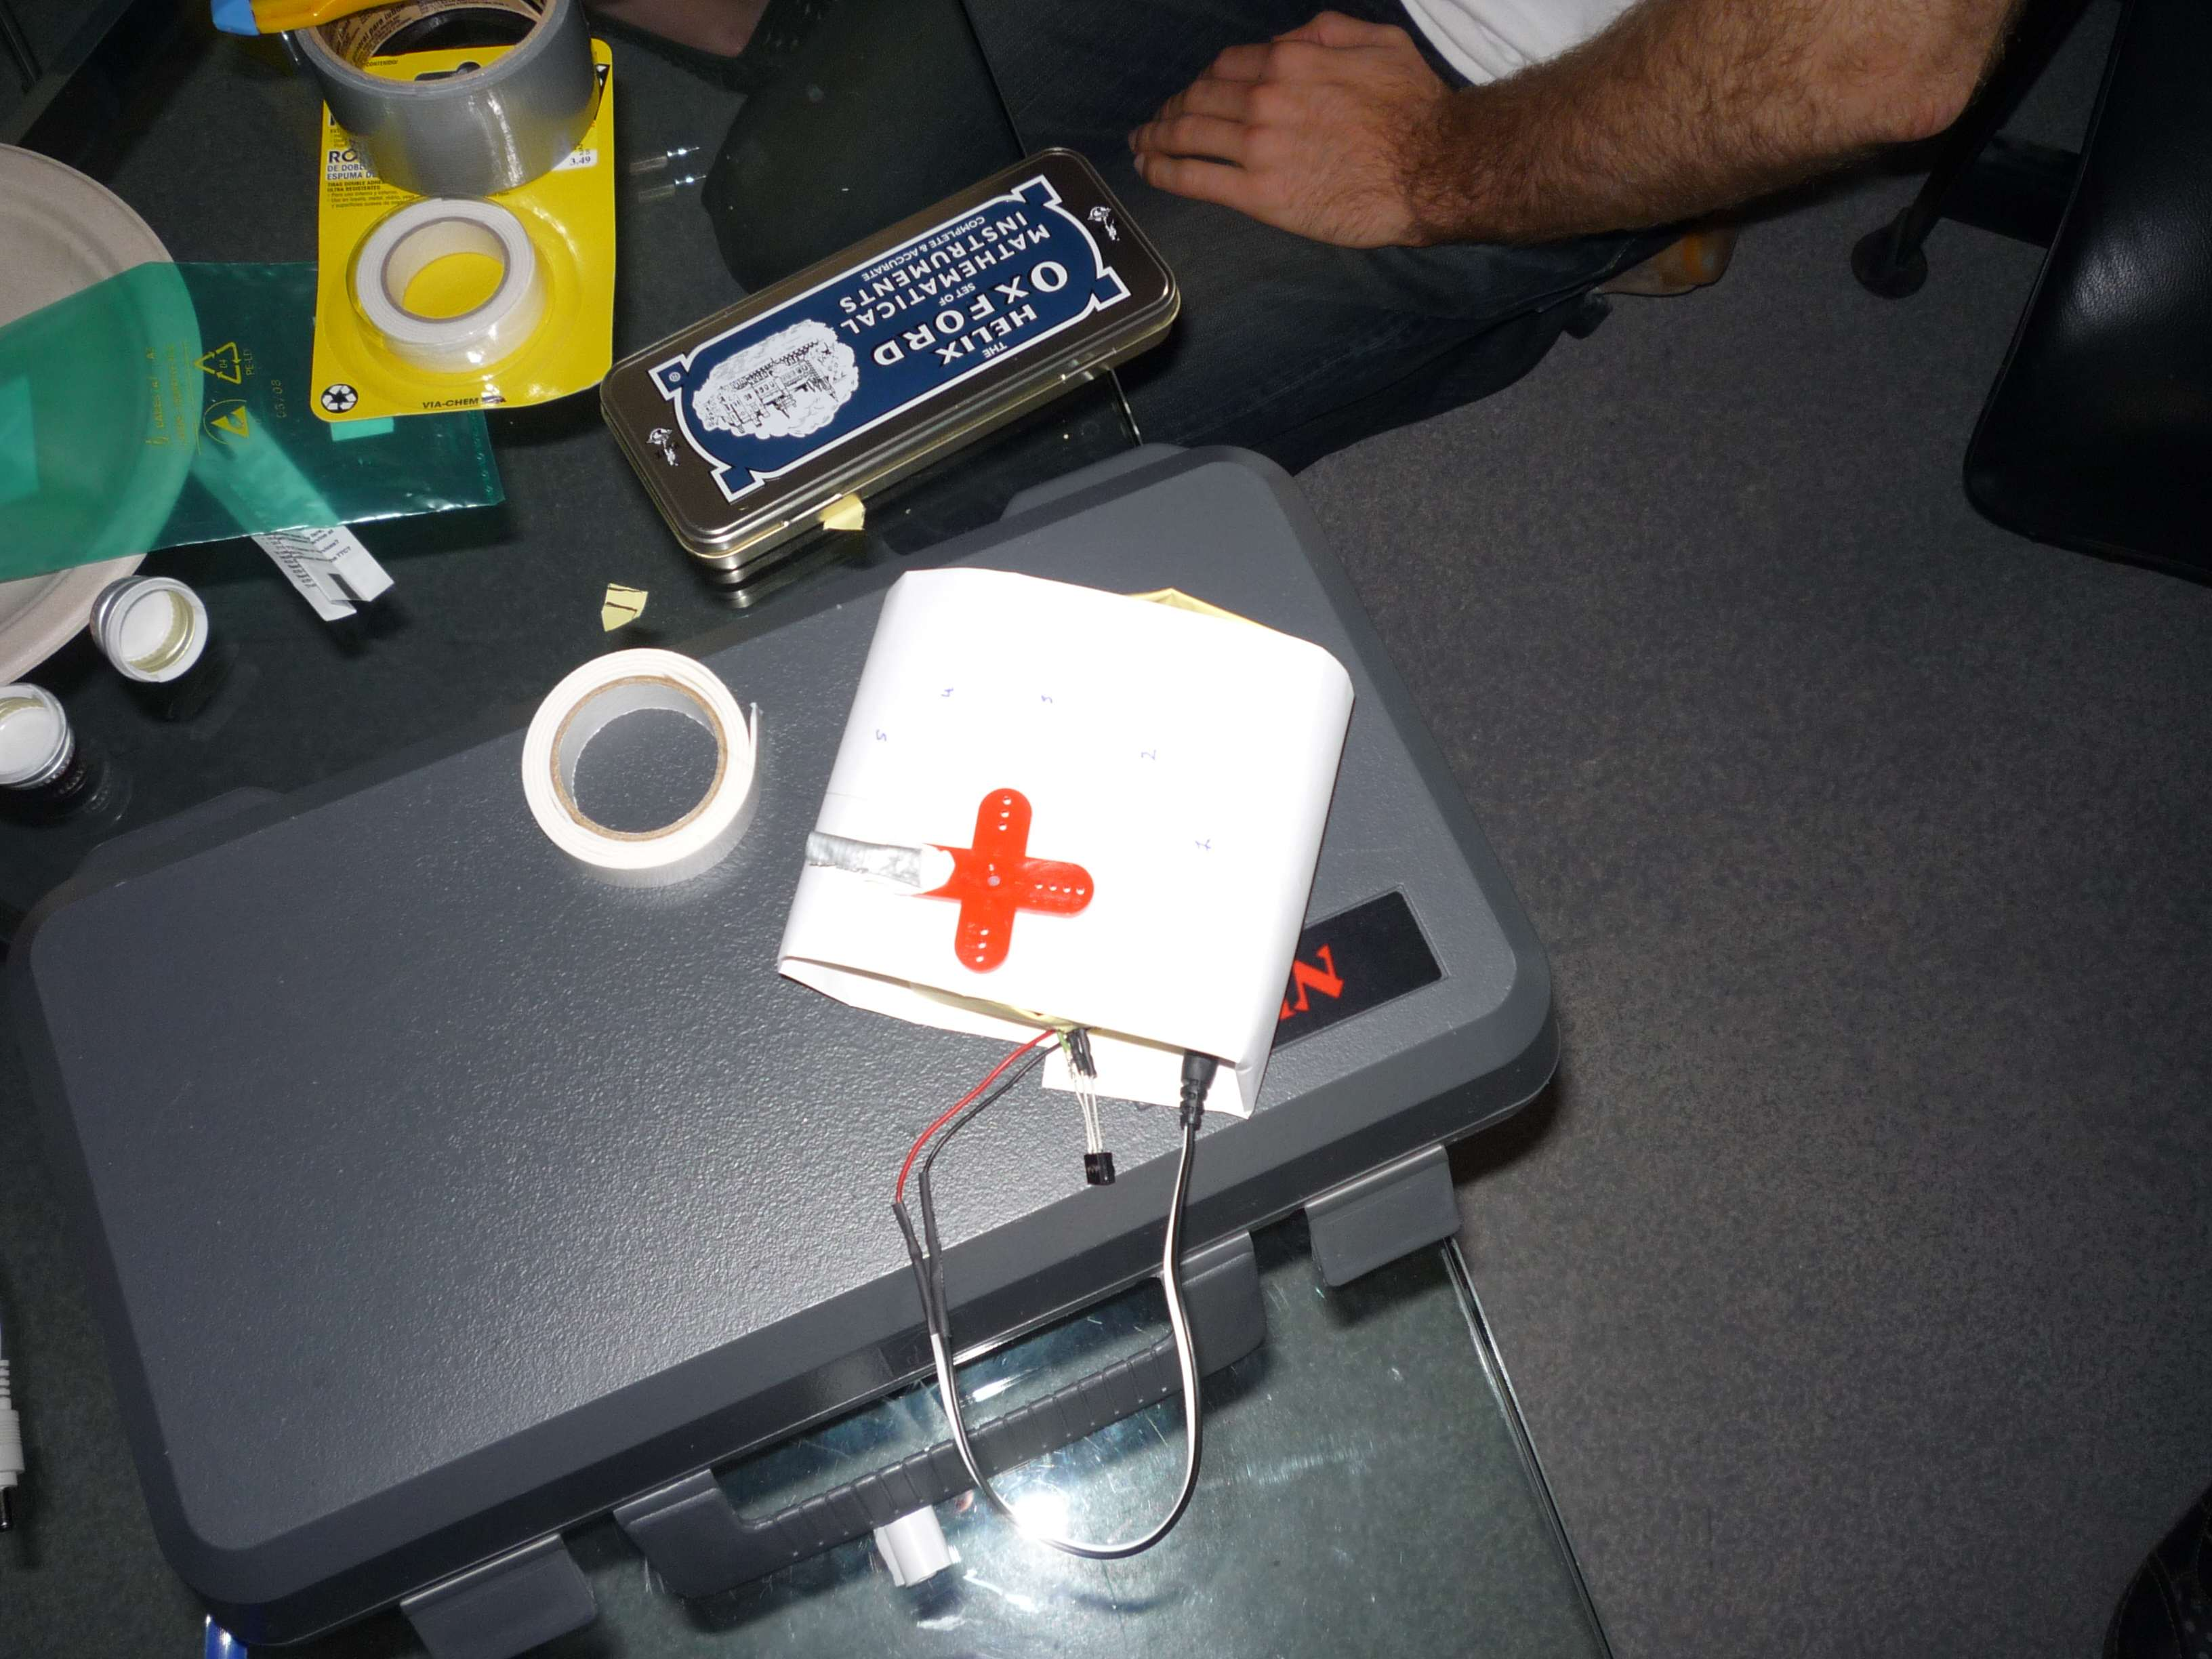 An arduino kit